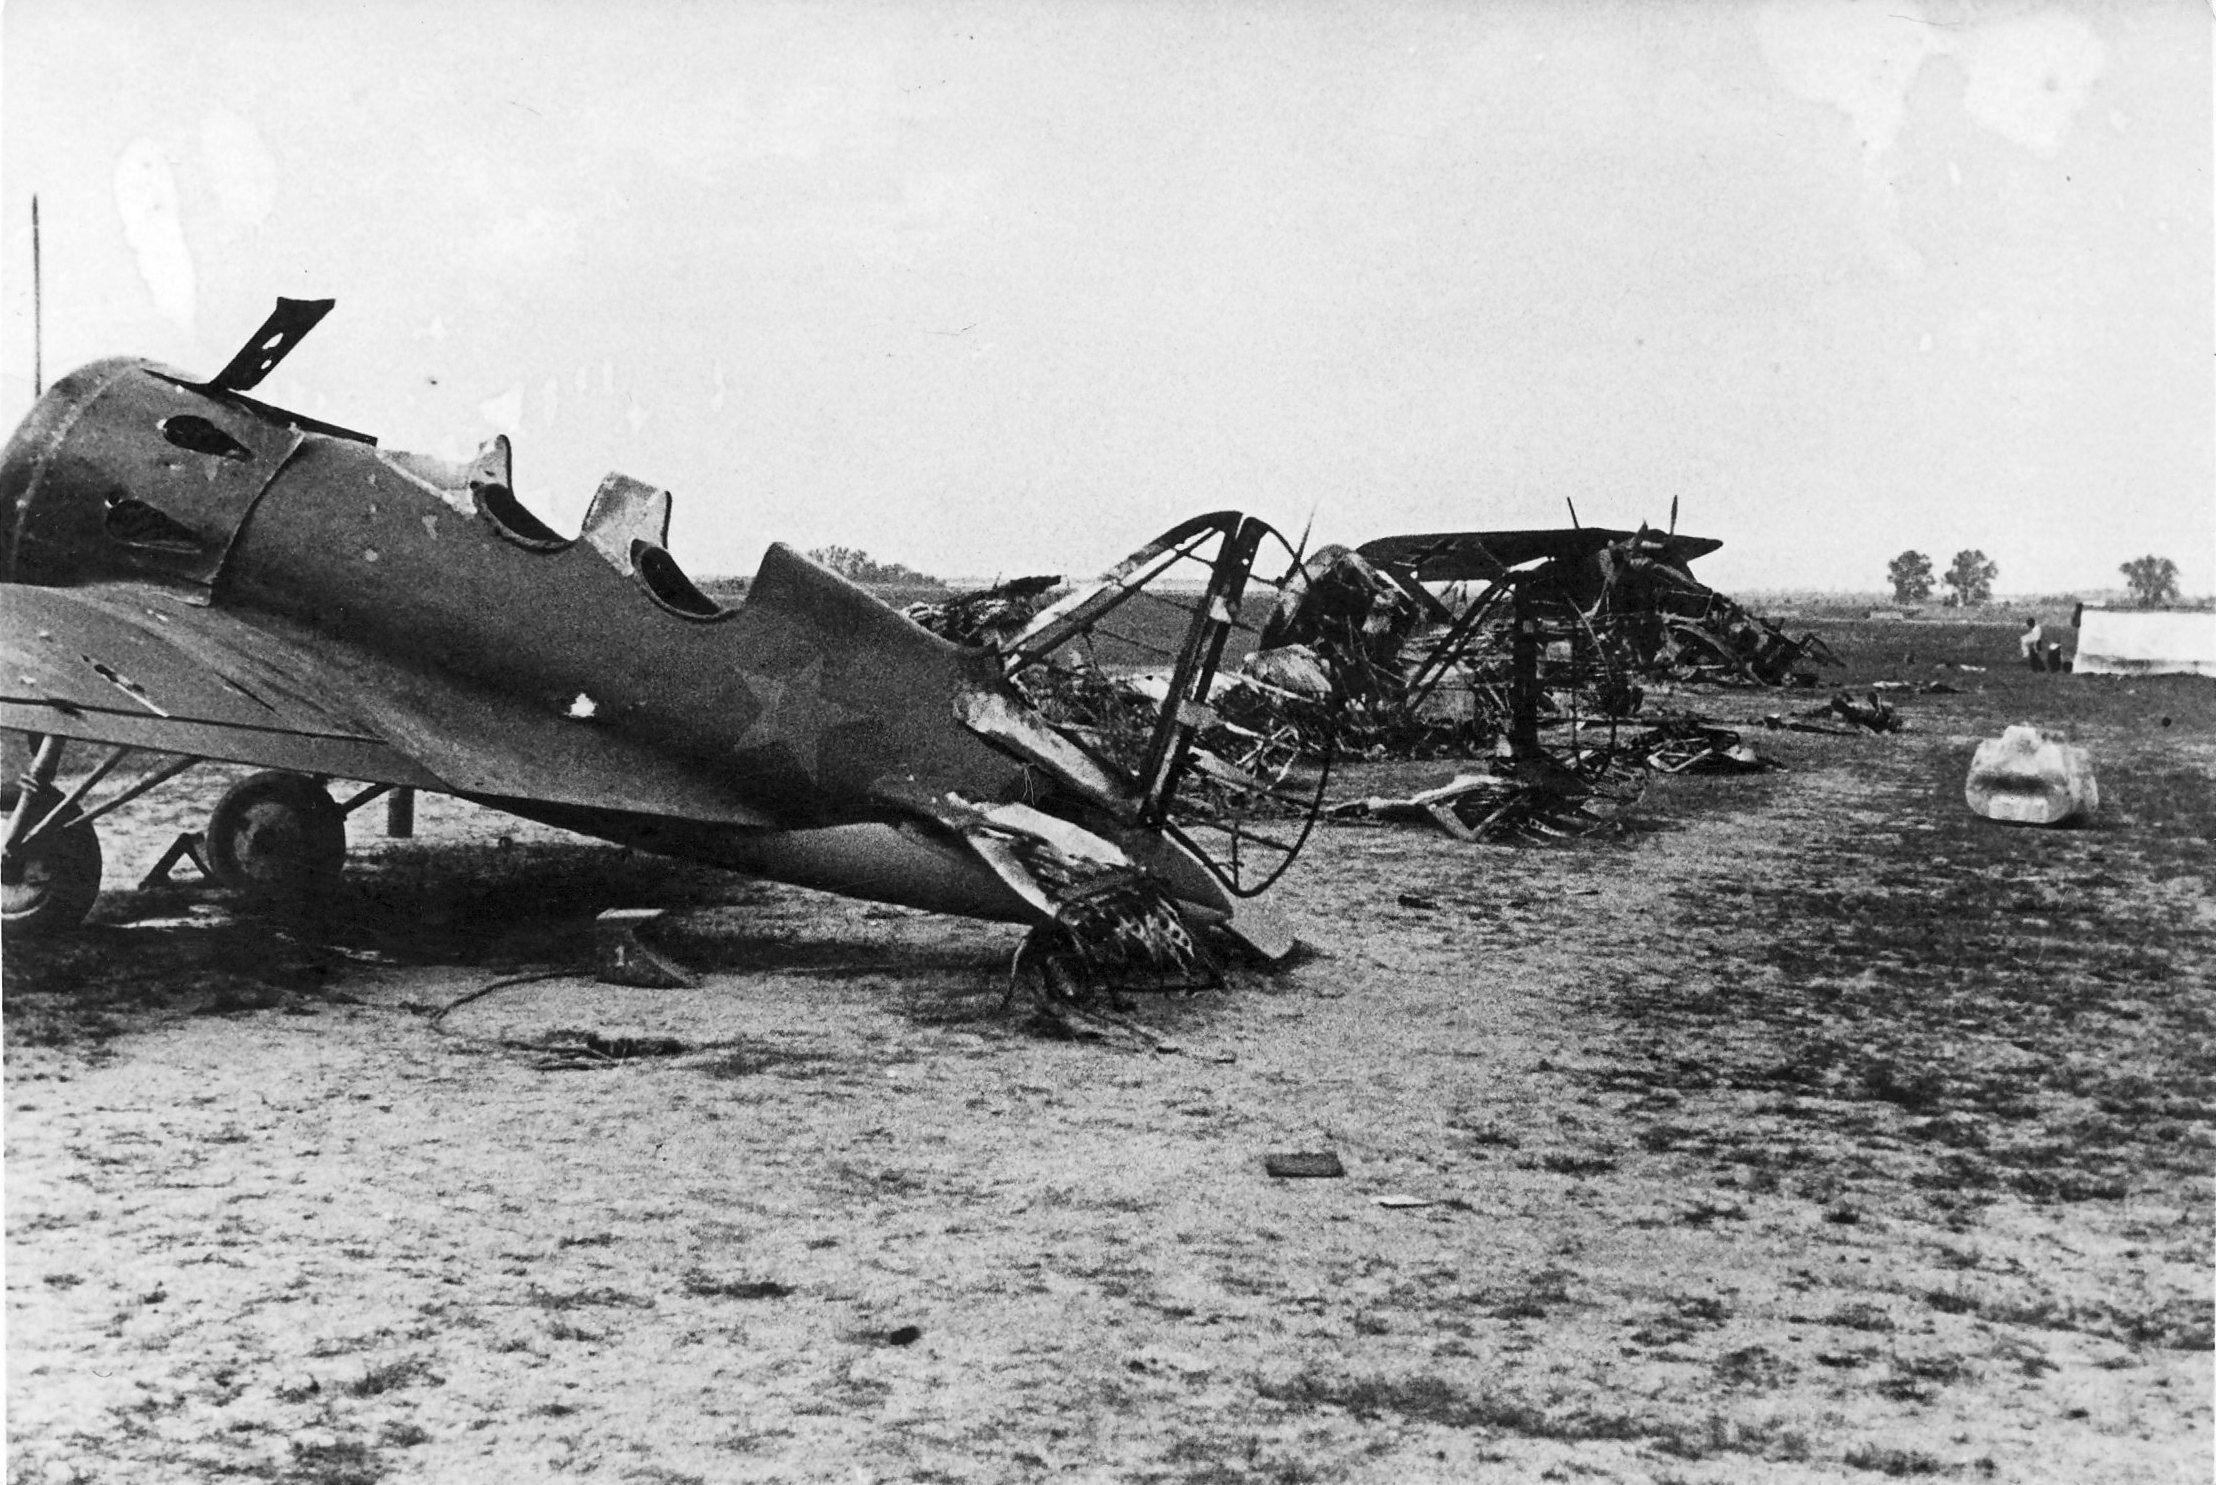 Samoloty radzieckie zniszczone w pierwszych dniach inwazji niemieckiej, czerwiec 1941r.